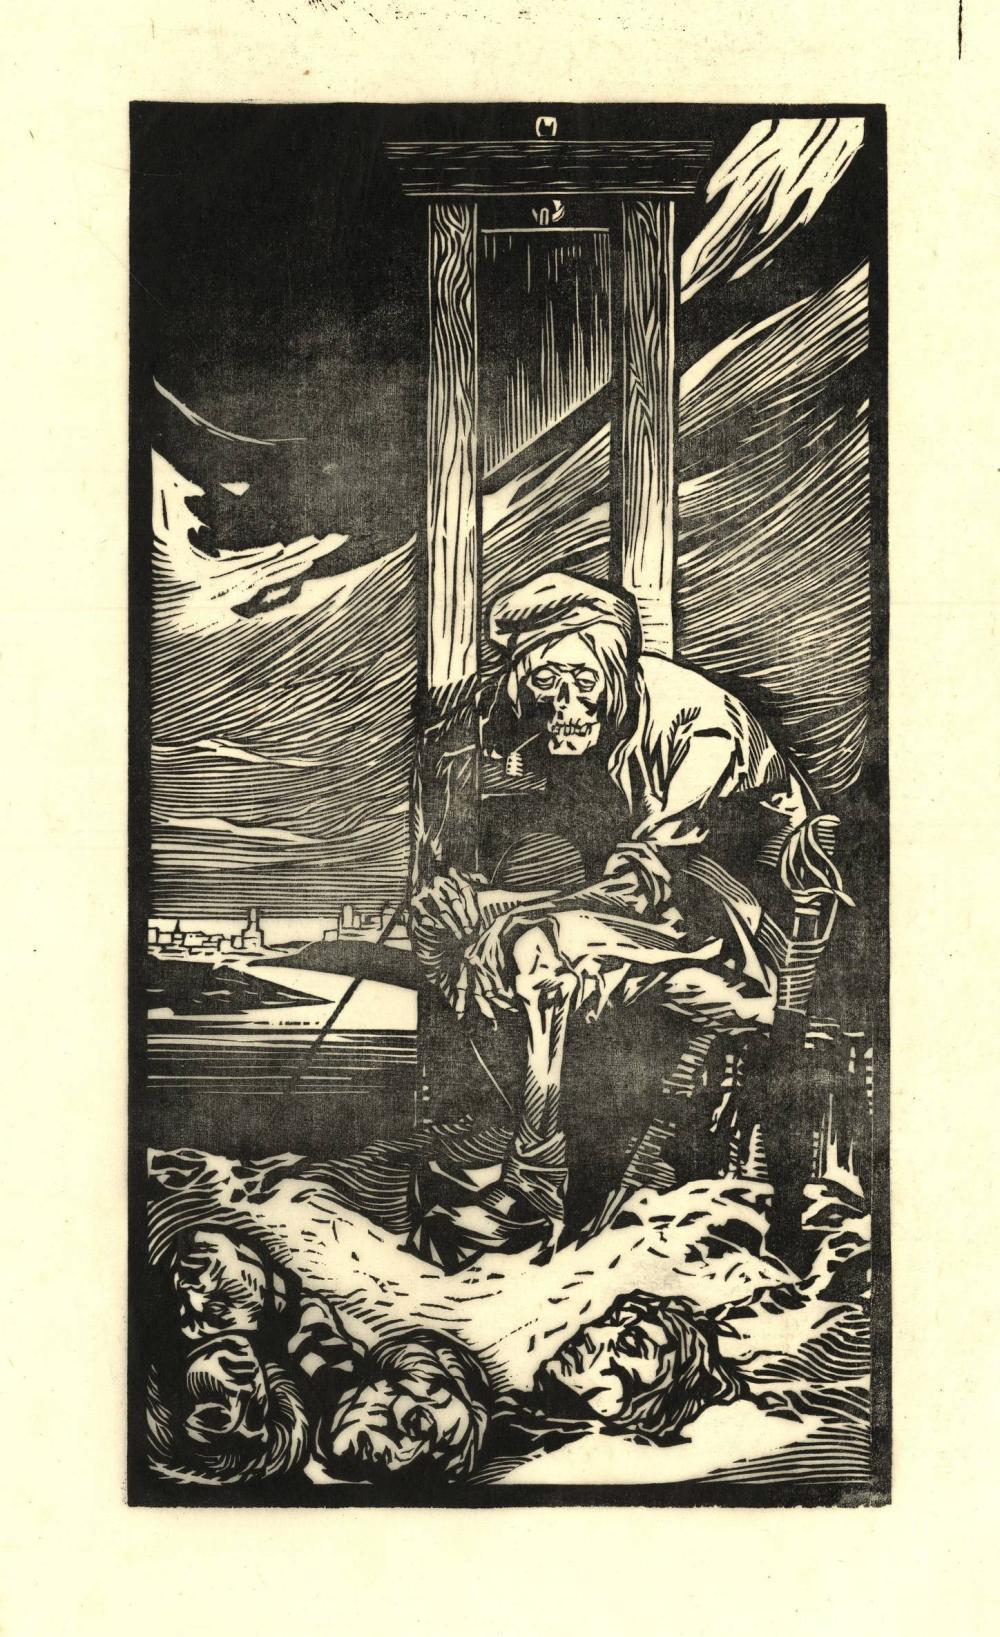 Aarts, J.J. (1871-1934). Danse macabre - Egalité.